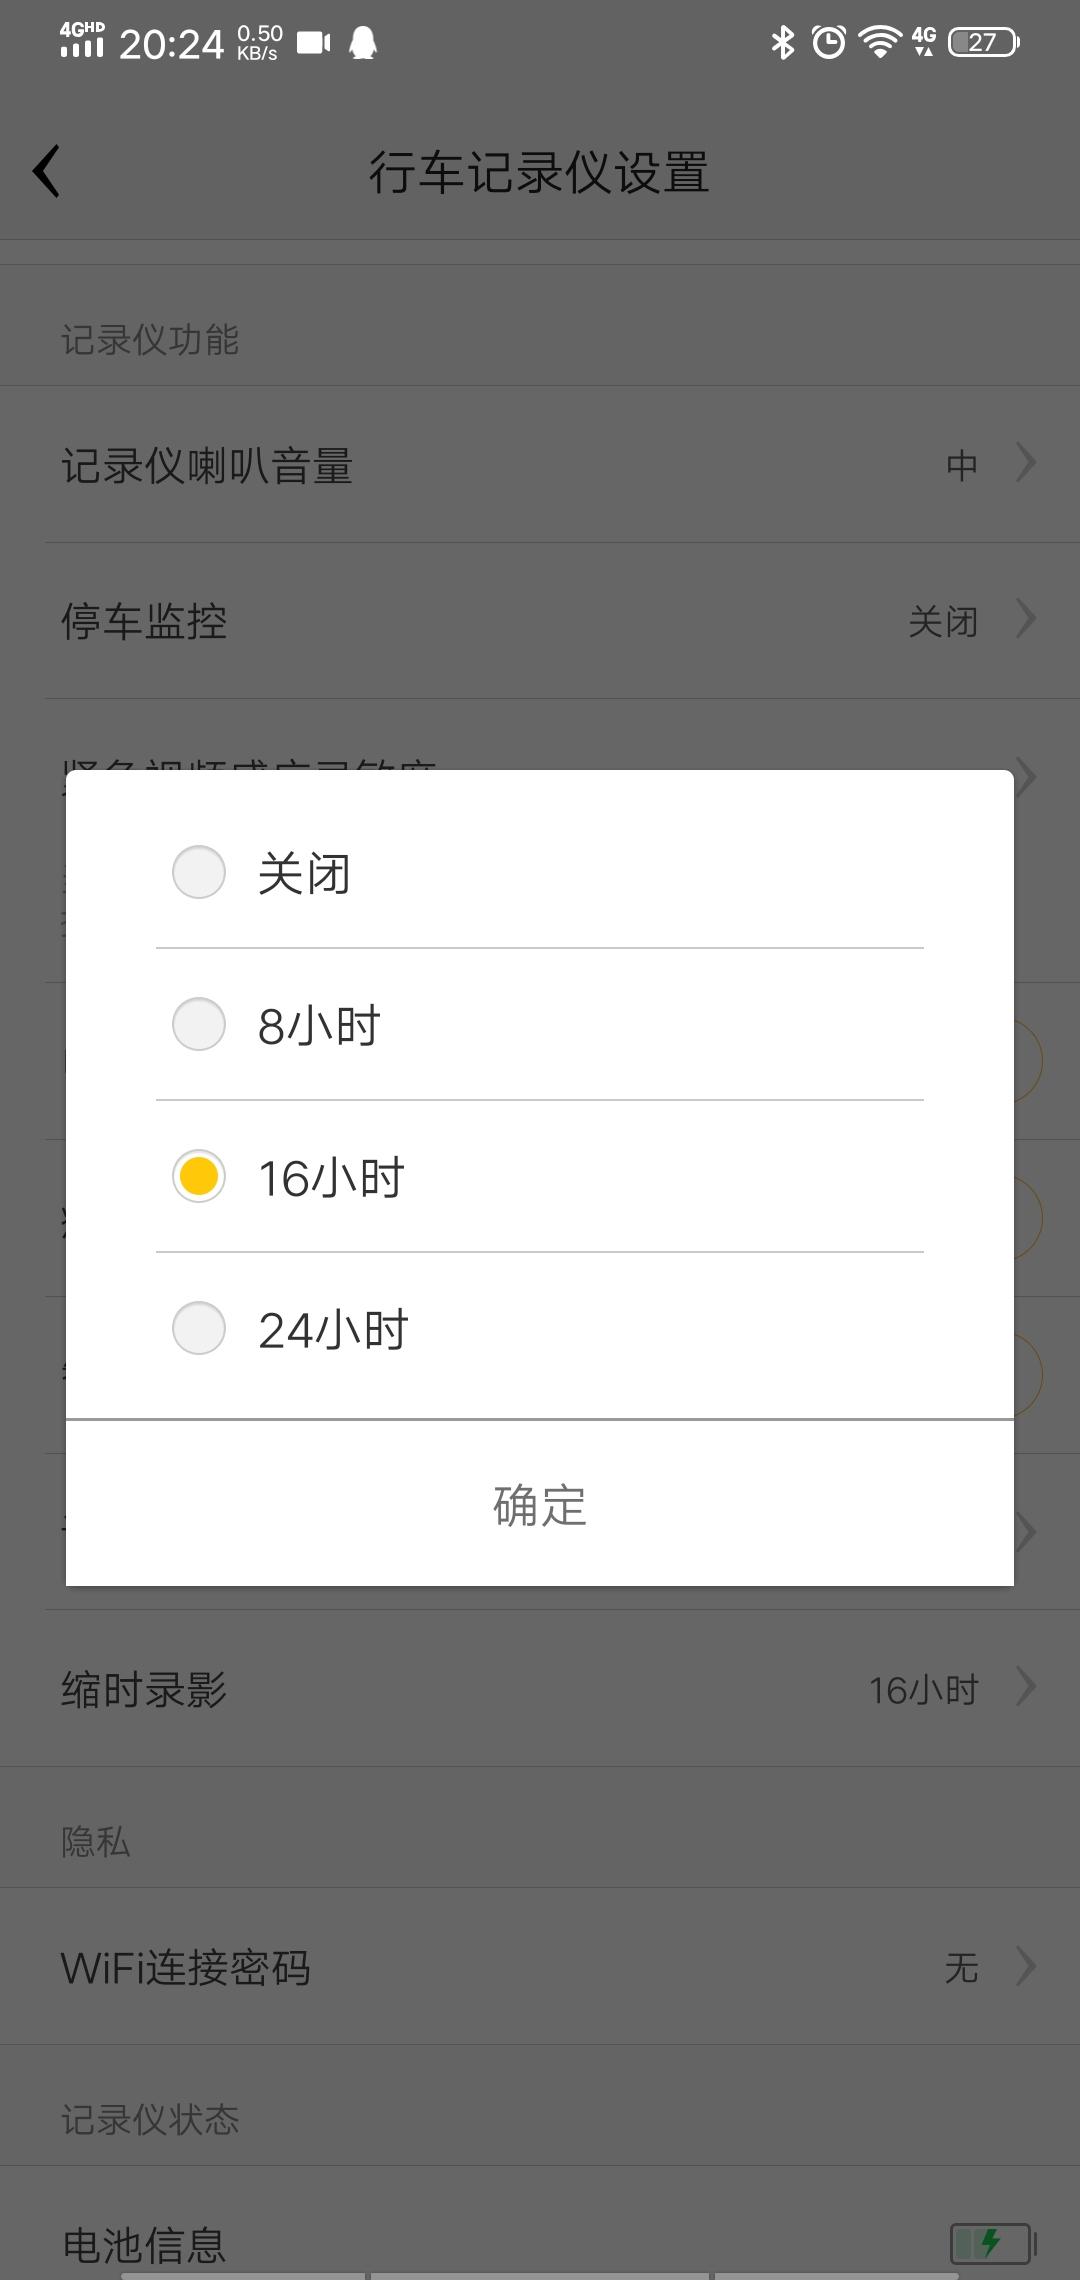 Screenshot_20191221_202454.jpg